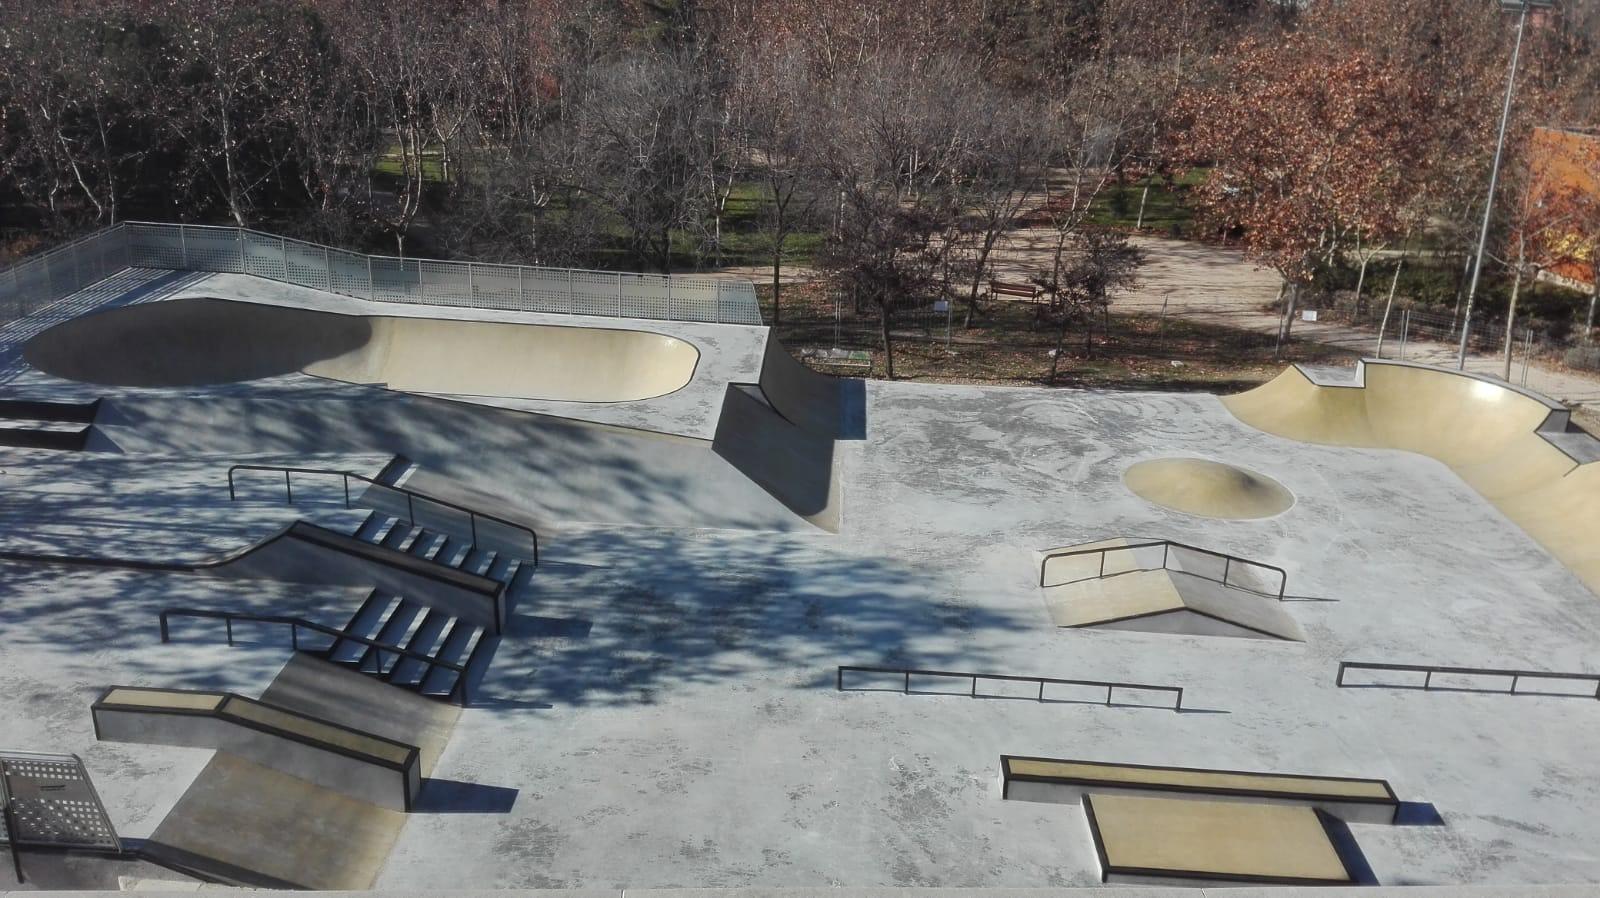 La juventud de Rivas estrena su nuevo skate park